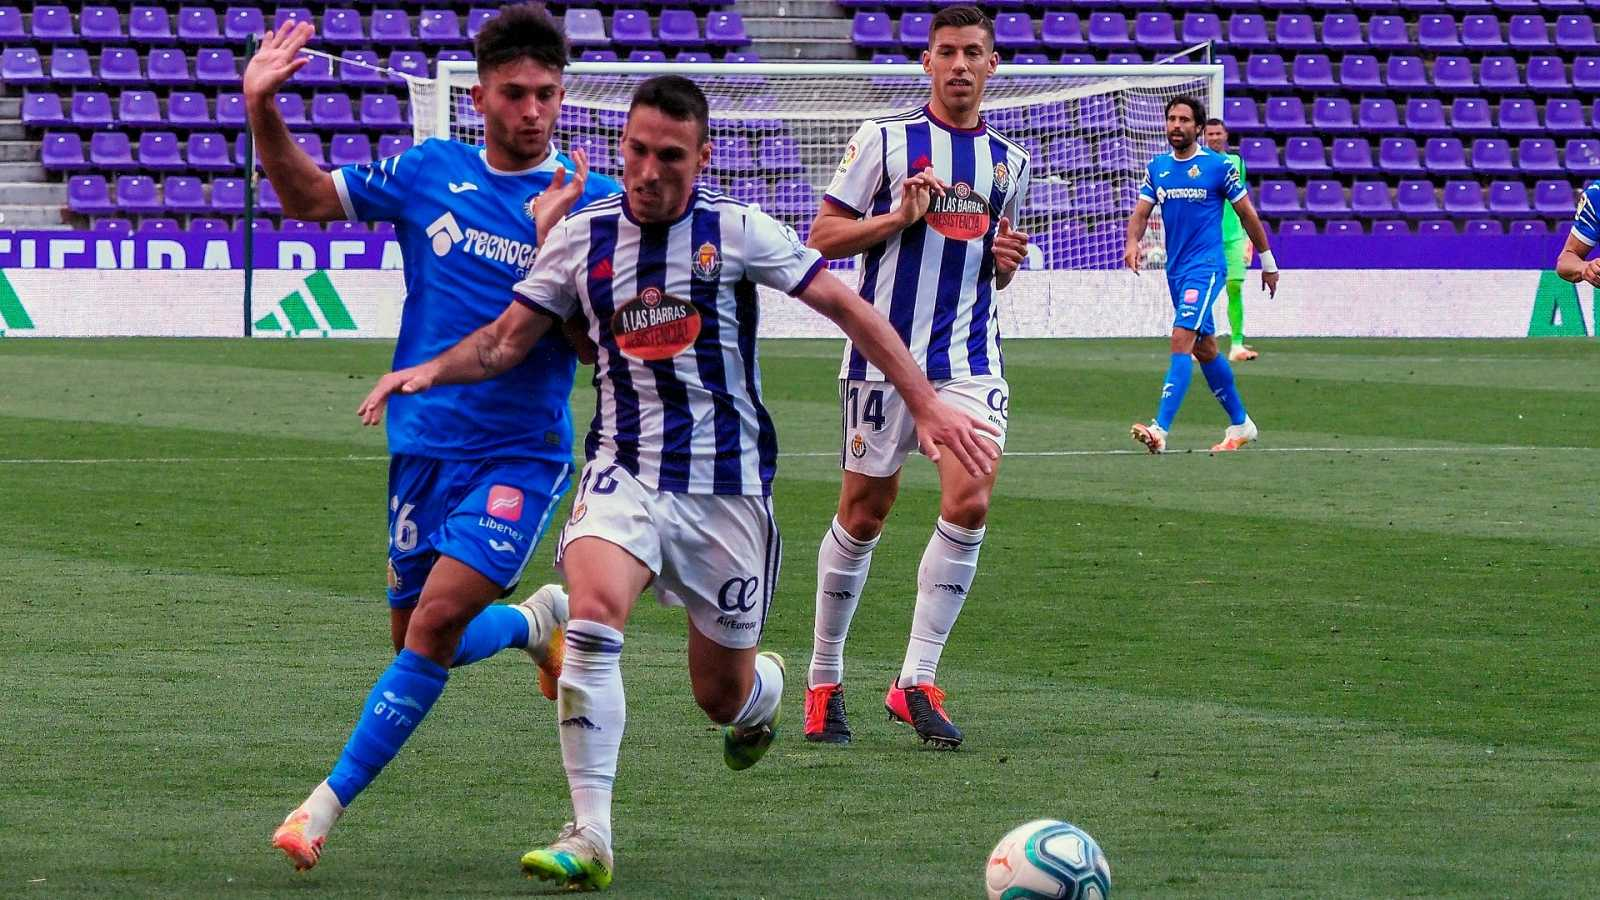 El centrocampista del Valladolid Fede San Emeterio (2i) pelea un balón con el delantero del Getafe Hugo Duro